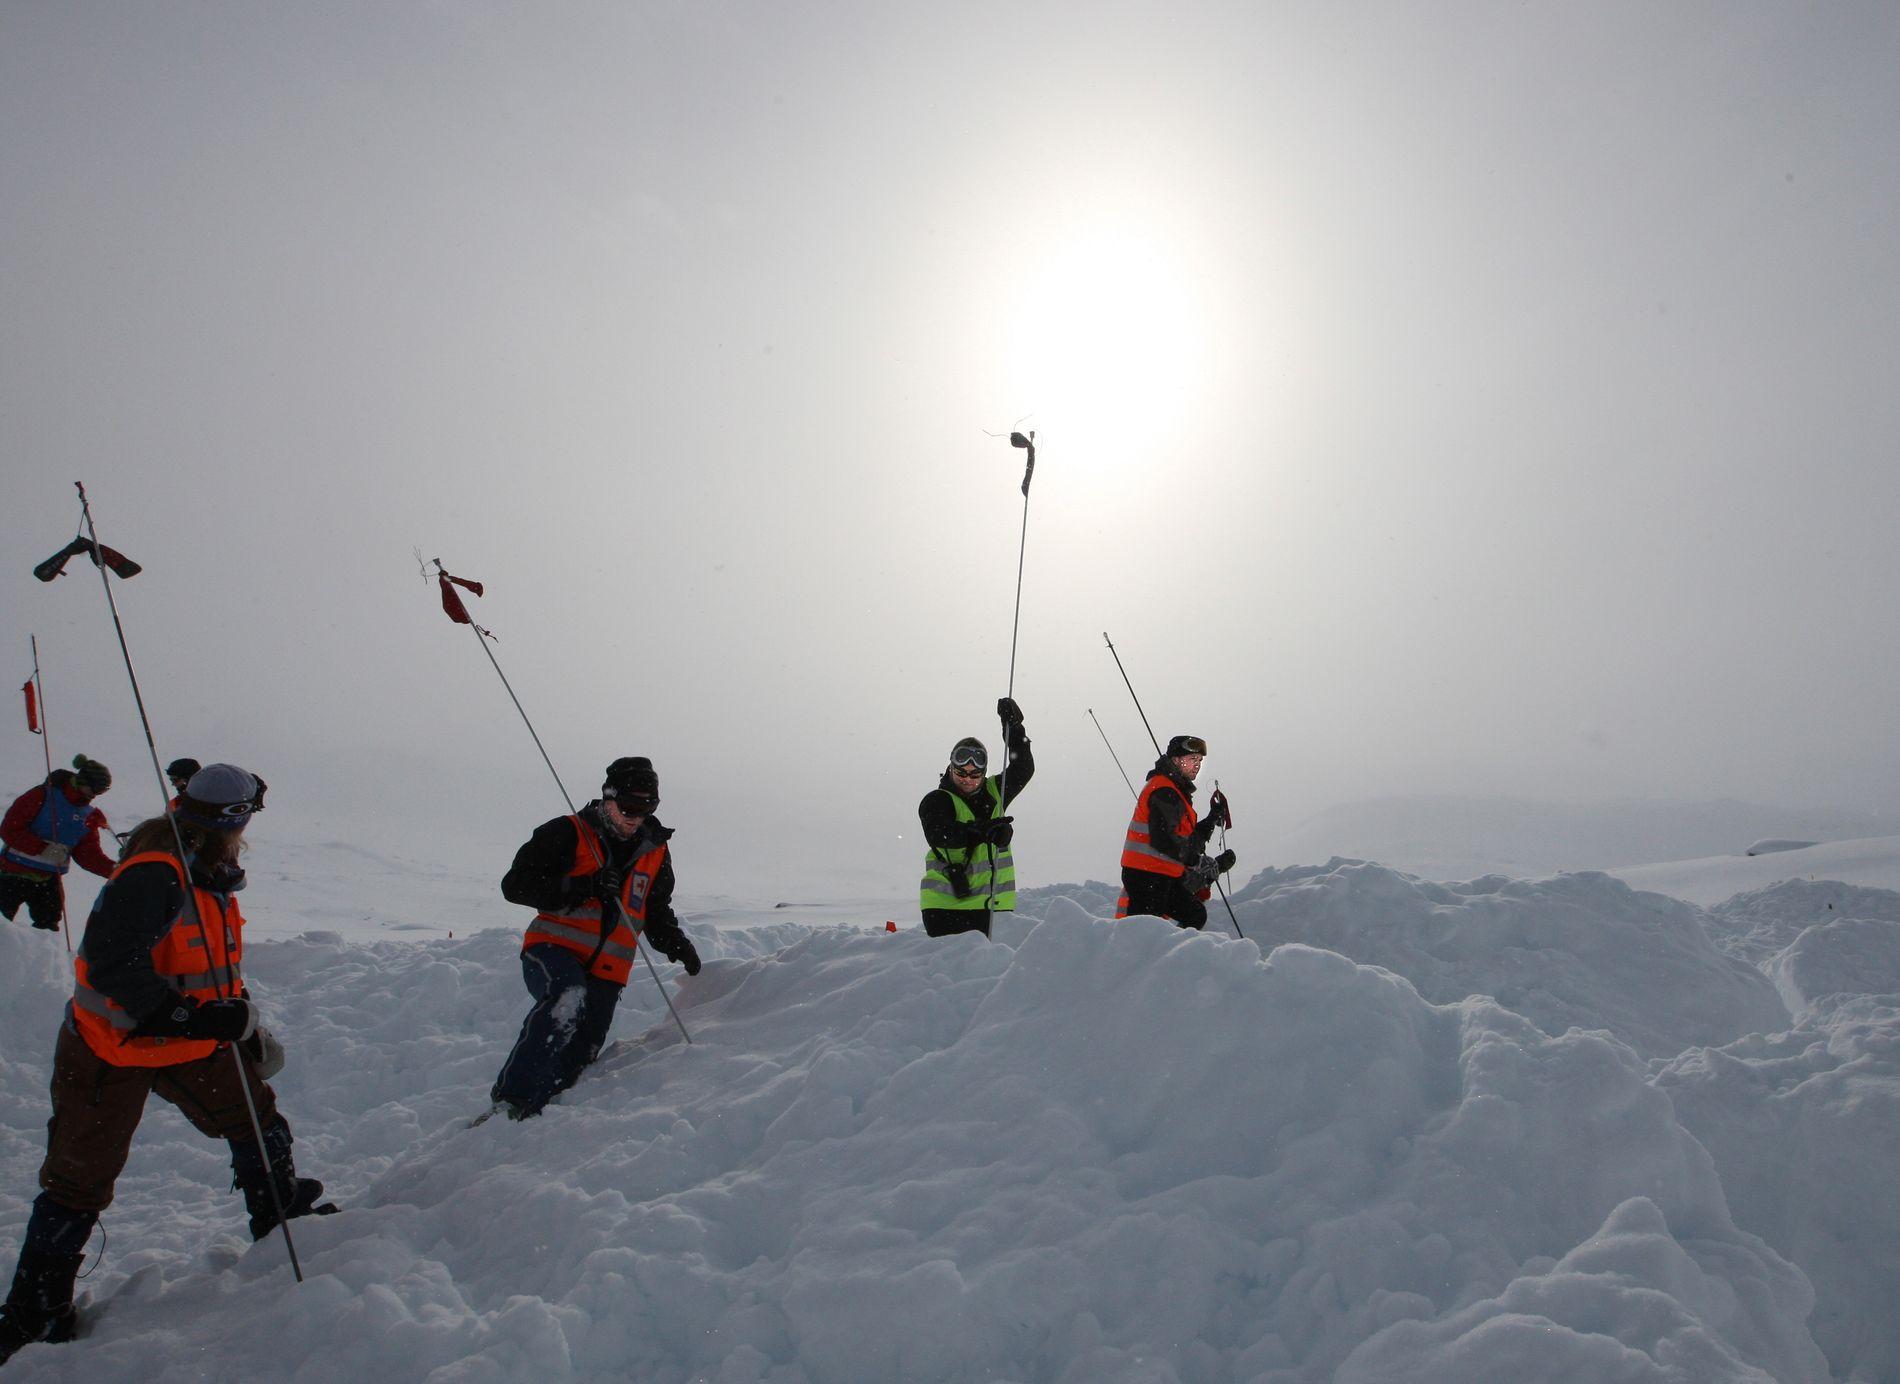 SØKER I SKREDET: Faren for snøskred øker nå både i lavlandet på grunn av regn, og i høyfjellet på grunn av en kuldeperiode etterfulgt av mer snøfall. Her er mannskaper fra Røde Kors Hjelpekorps i gang med skredsøk-øvelse på Finse i 2010.